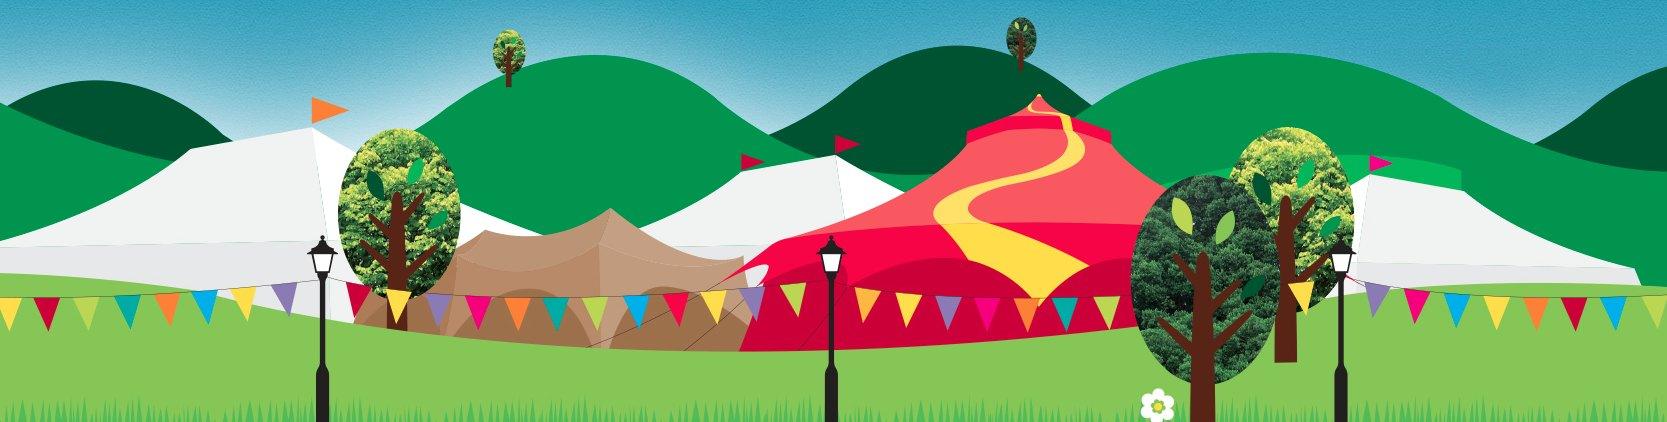 Cheltenham Festivals landscape